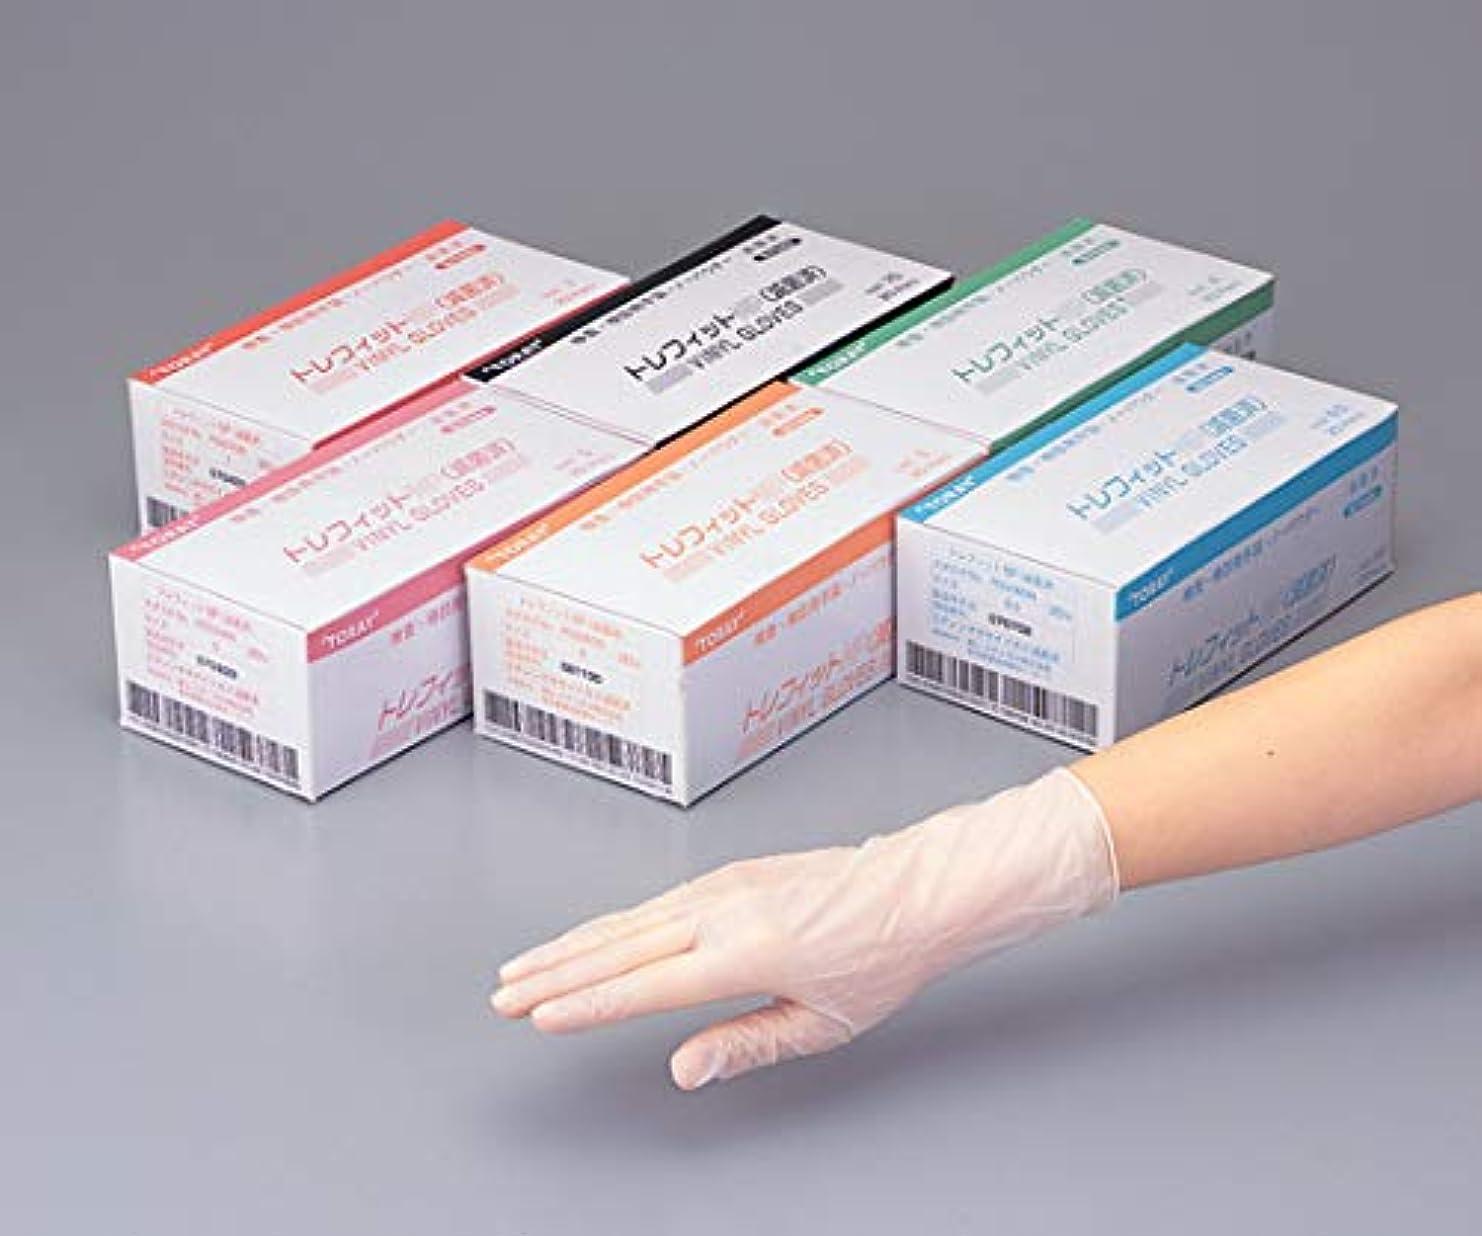 順応性のあるエンティティ高齢者トレフィット手袋PG5060N 20双入